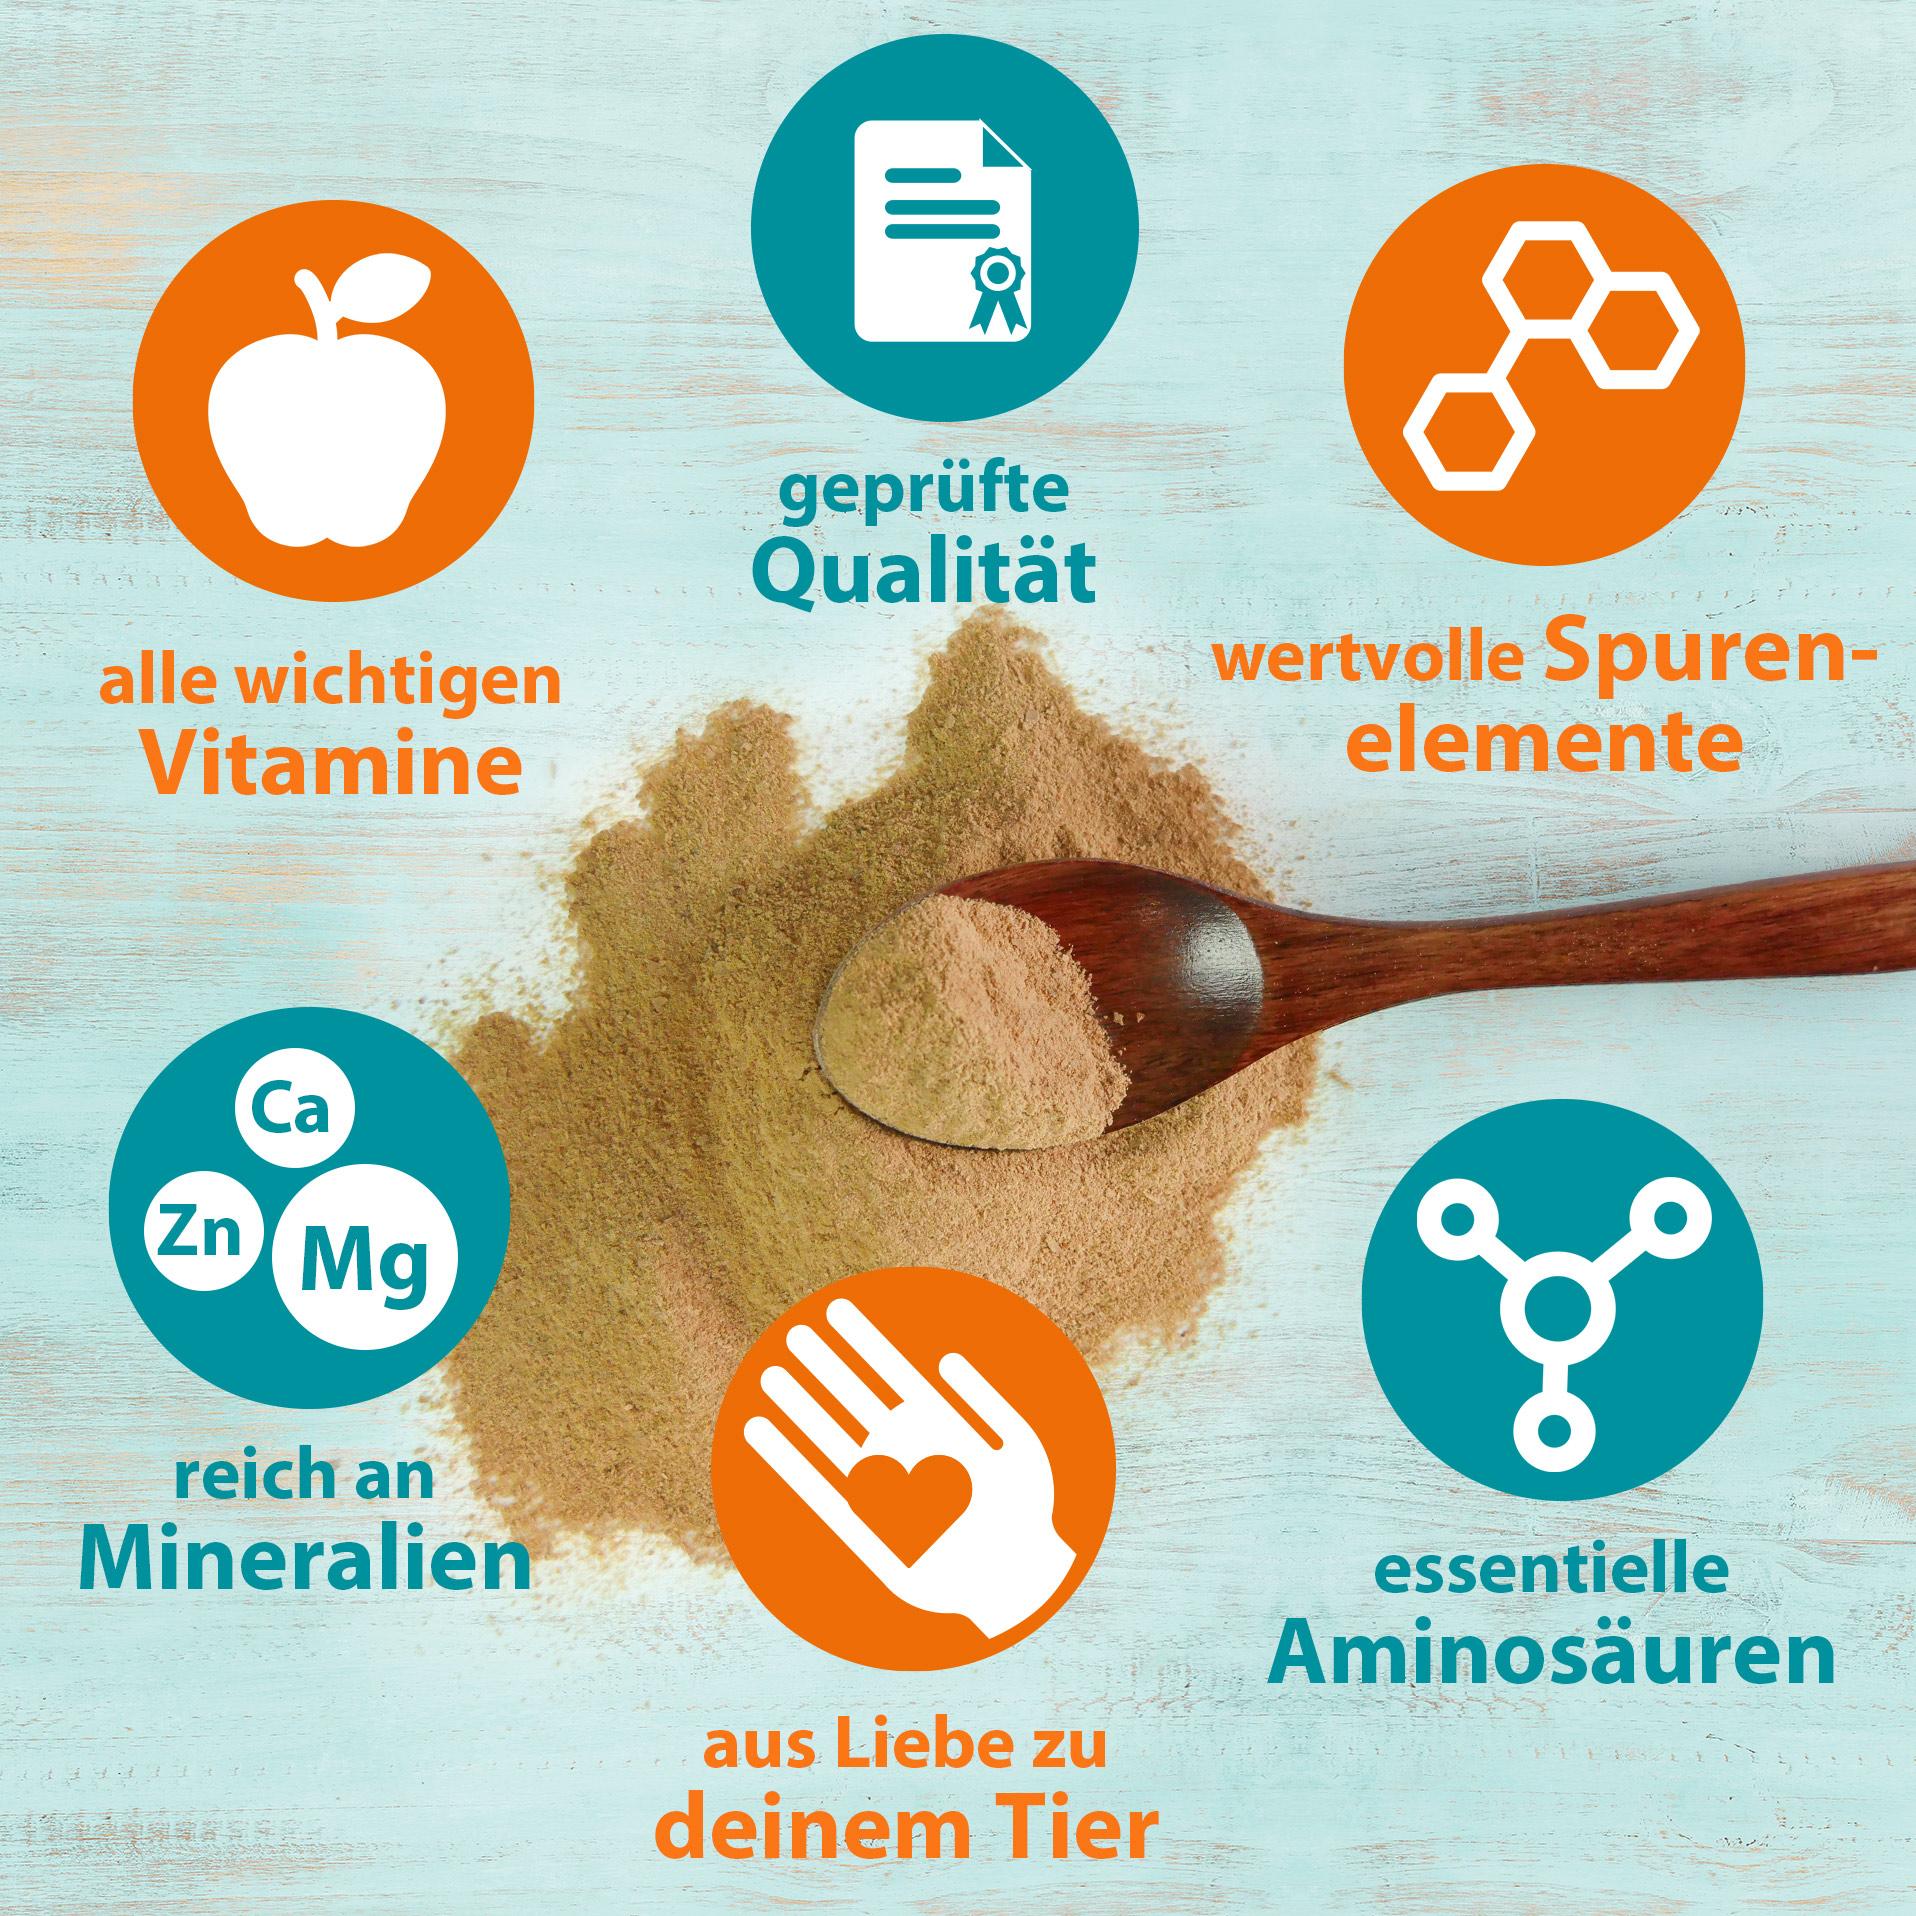 Bierhefe Pulver - Futterergänzung für glänzendes Fell & kräftige Haut 3 Kg